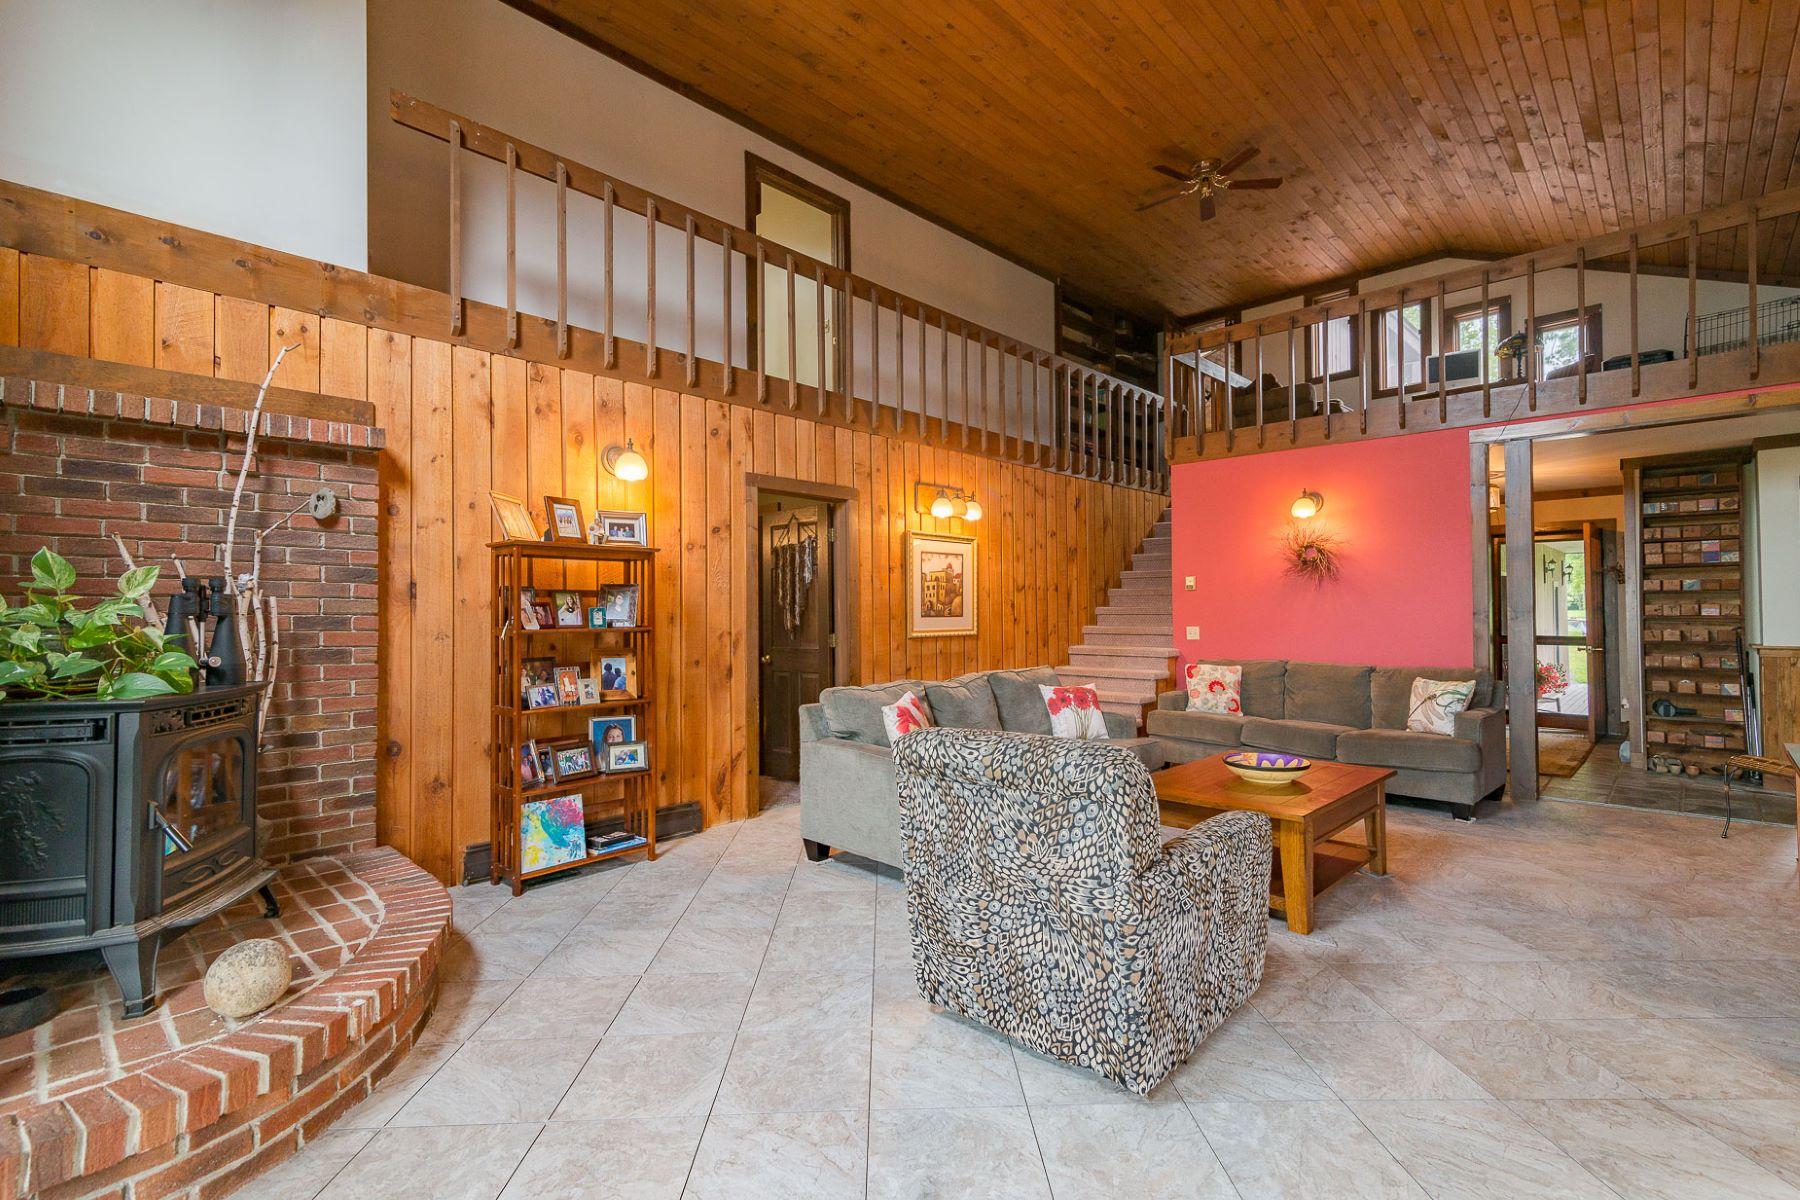 Частный односемейный дом для того Продажа на Spacious Contemporary Home with Breathtaking Views 415 Ridge, Shaftsbury, Вермонт, 05262 Соединенные Штаты